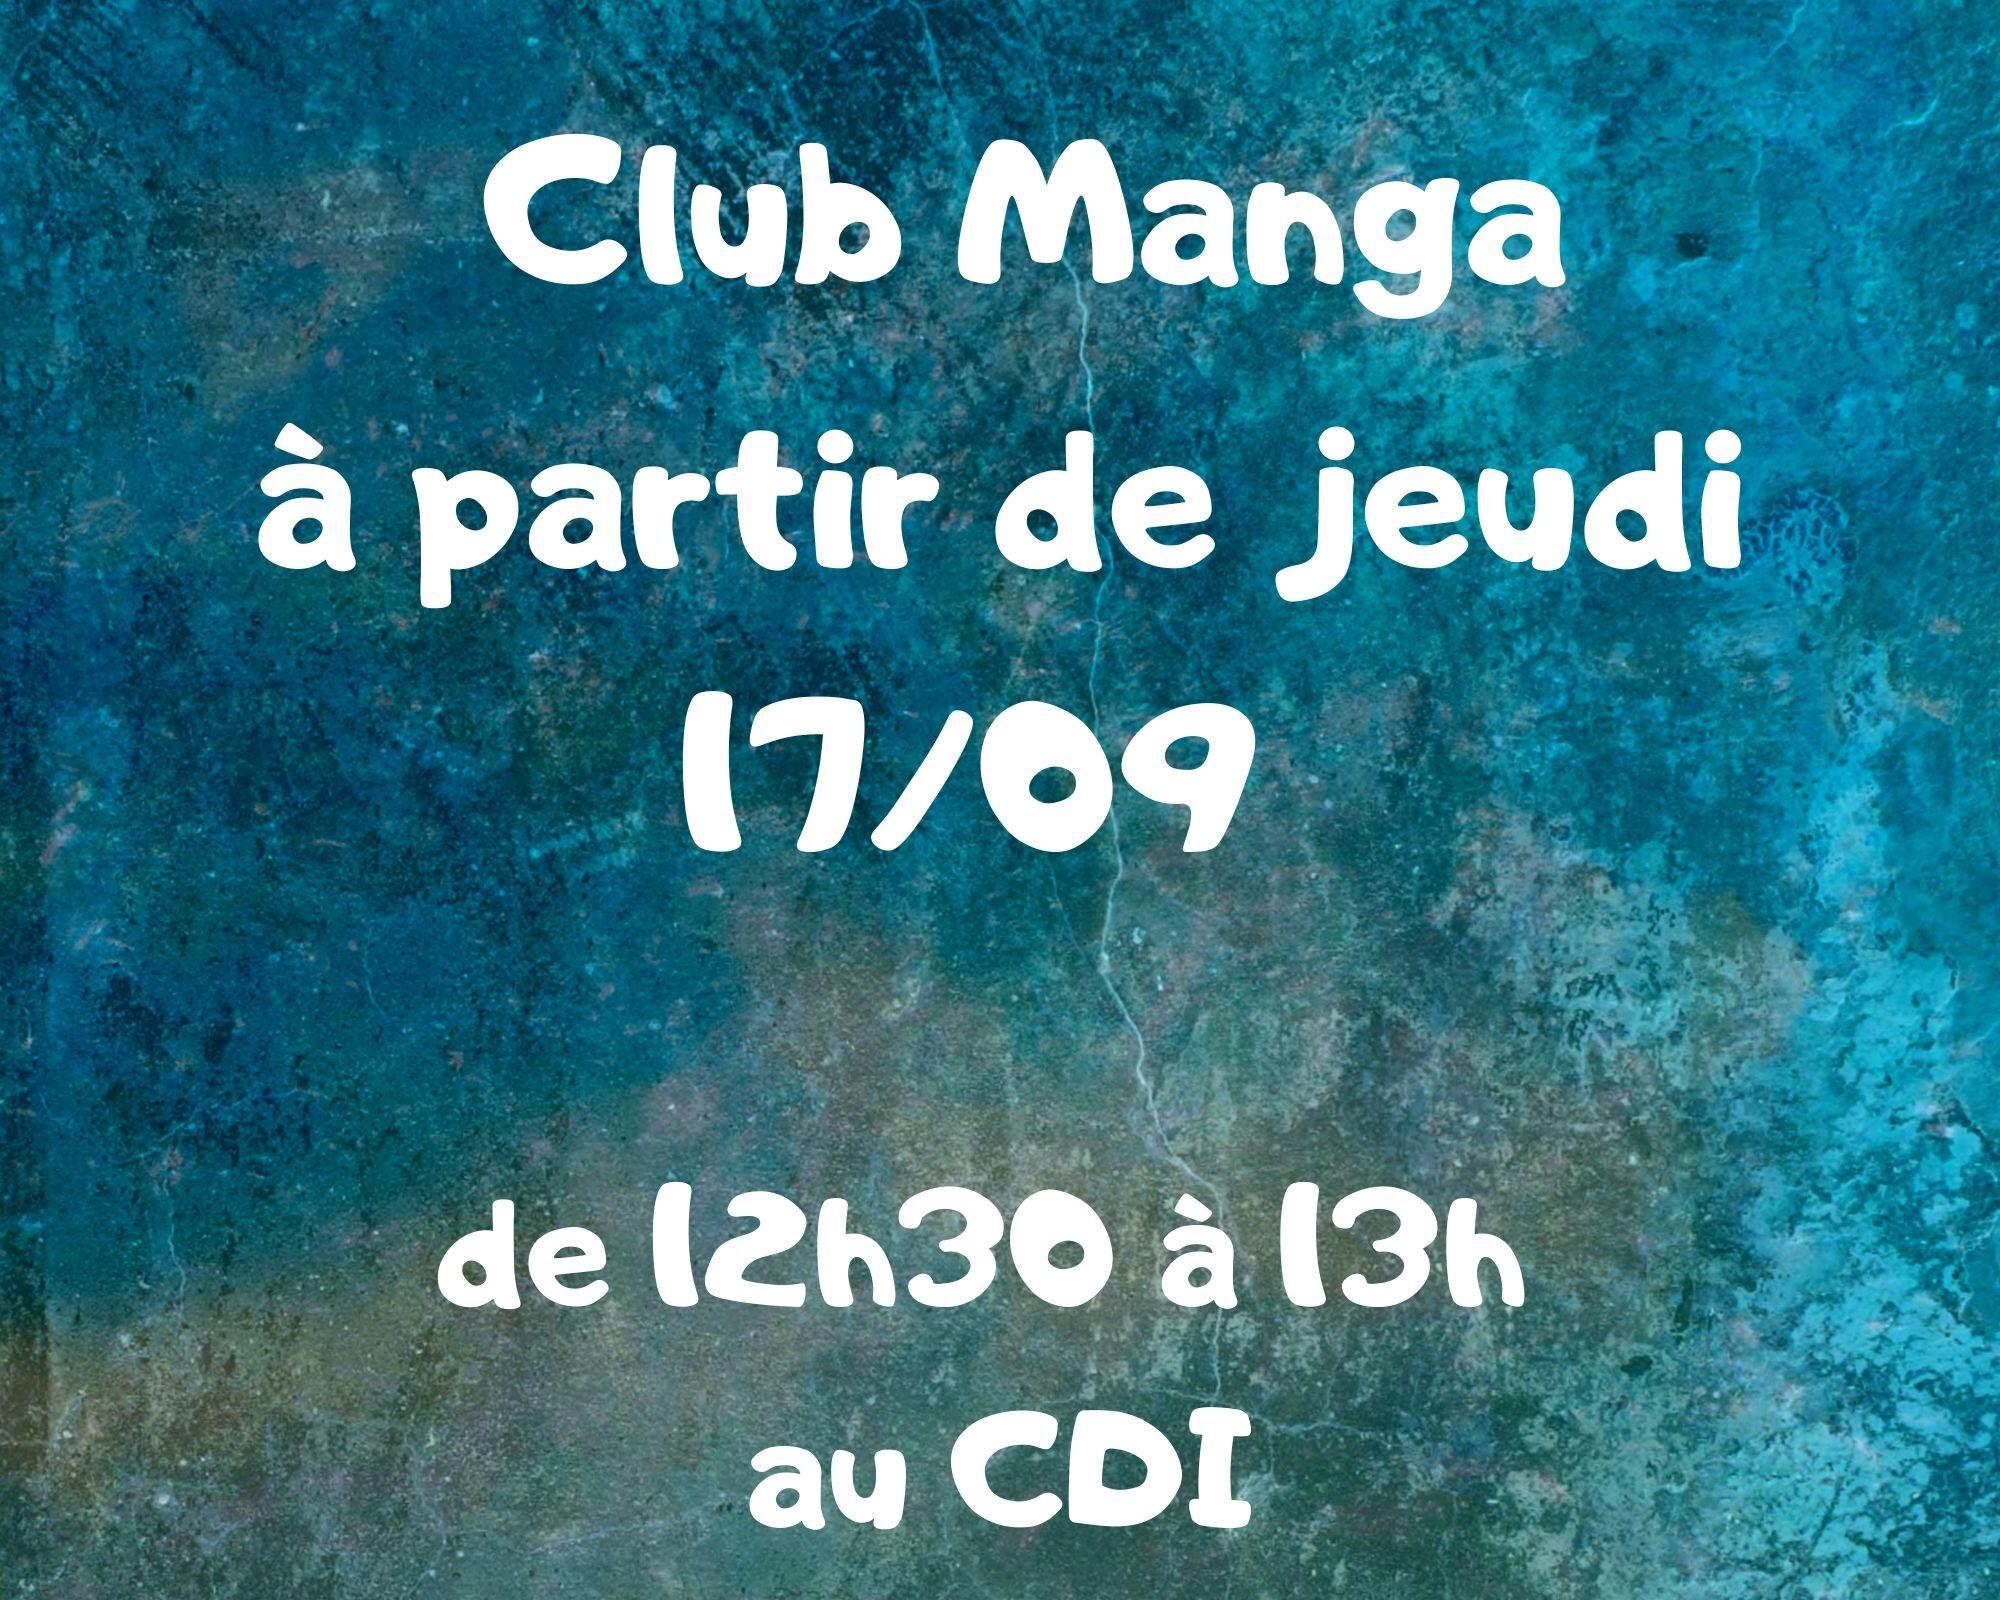 Première réunion club manga mardi 17 septembre de 12h30 à 13h au CDI.jpg